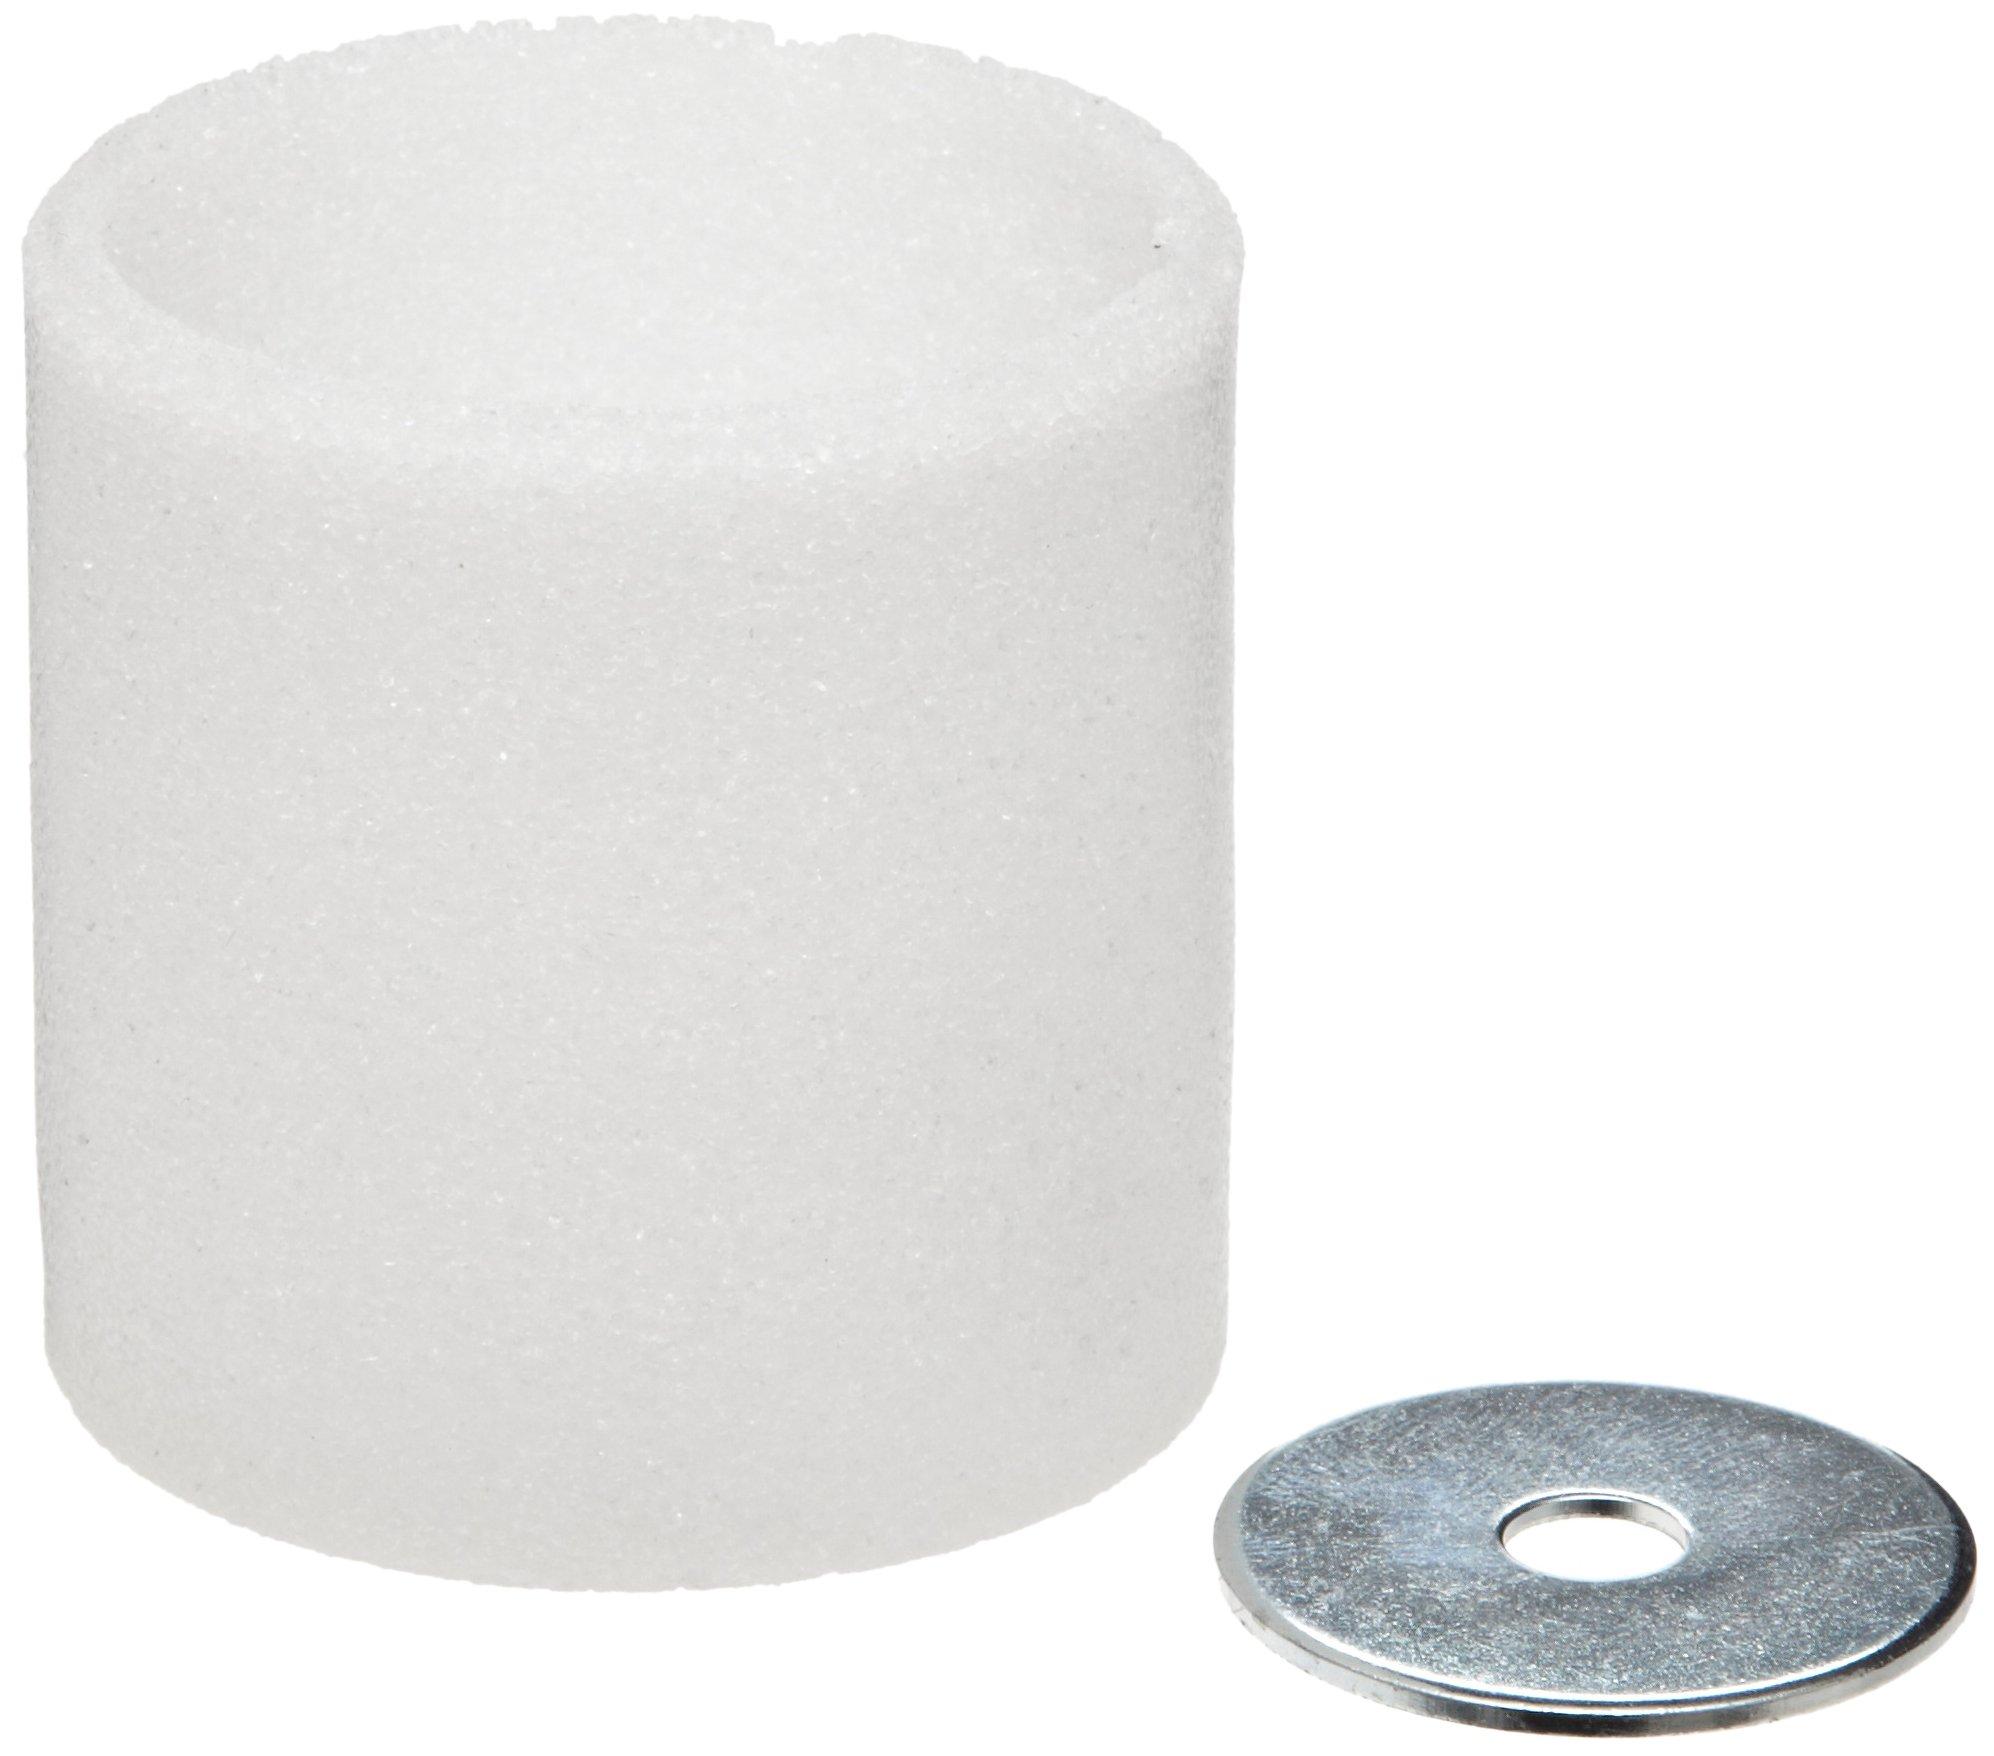 Parker EK602B Polypropylene Filter Element for F602 Series Filter, 40 Micron by Parker